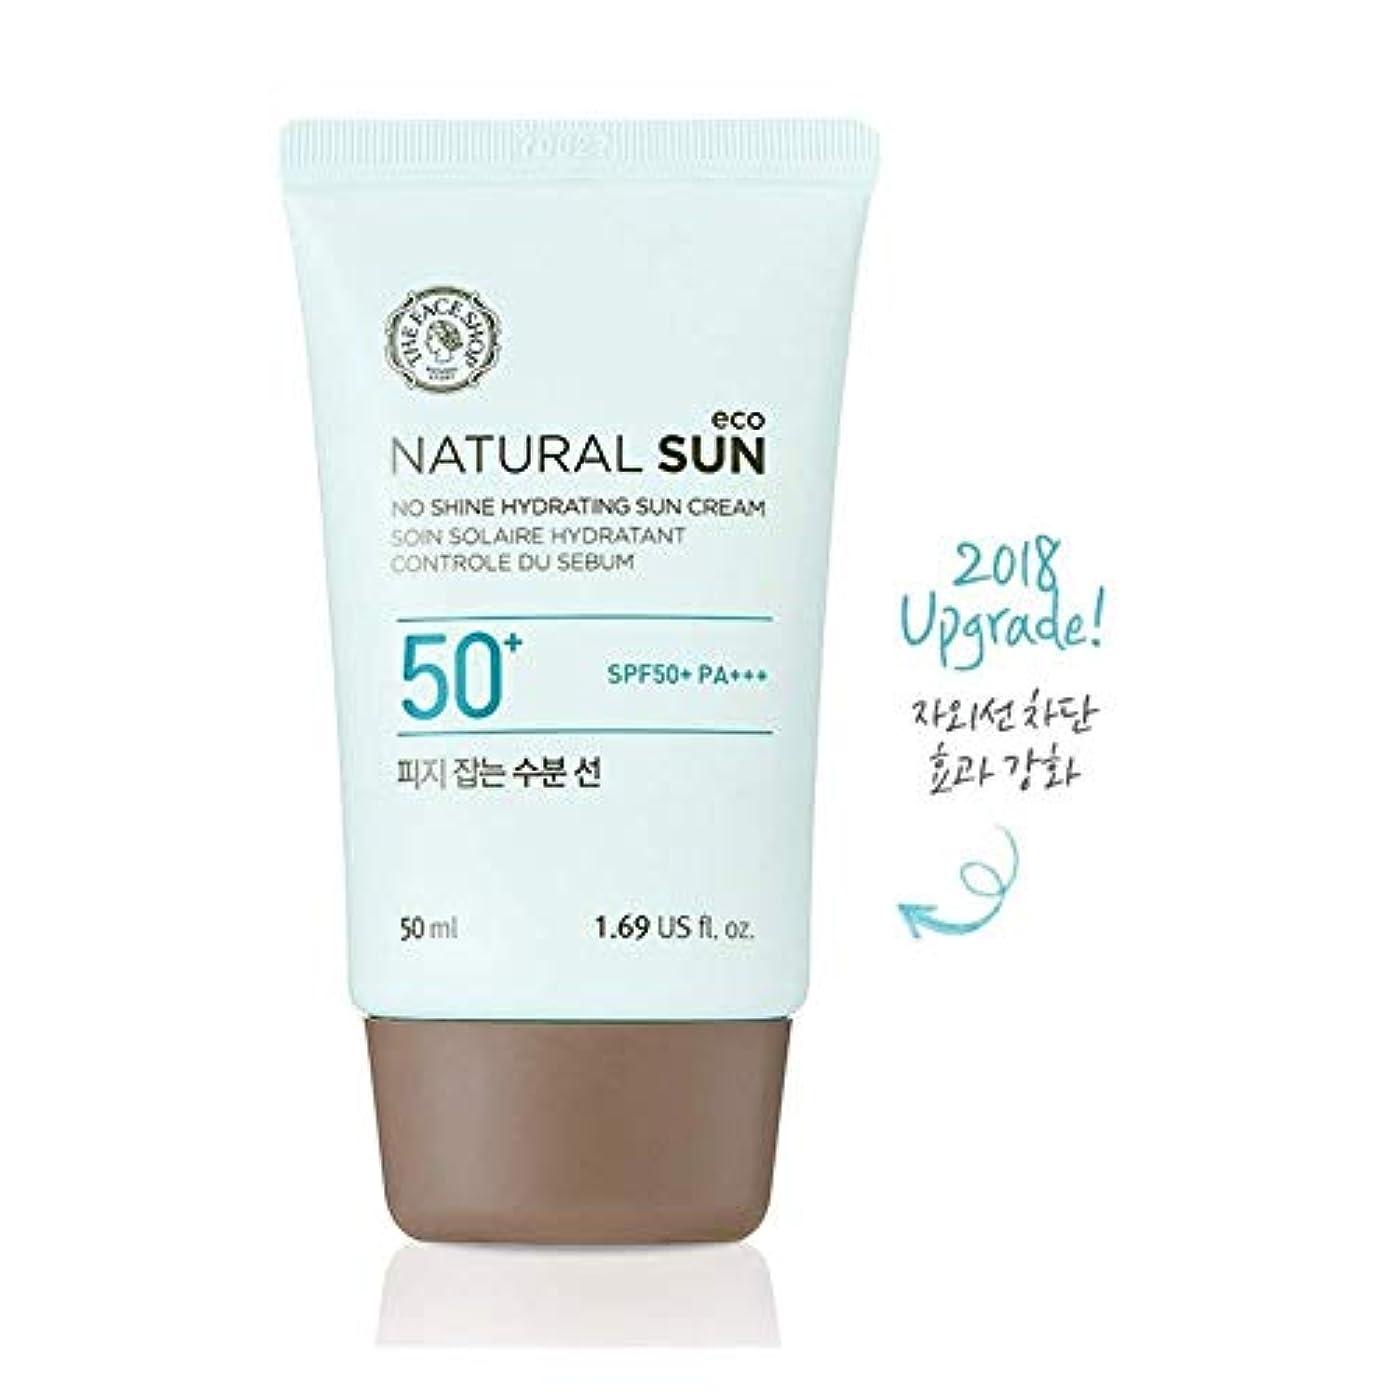 宇宙思いやりのあるひもザ?フェイスショップ ネチュロルソンエコフィジーサン?クリーム SPF50+PA+++50ml 韓国コスメ、The Face Shop Natural Sun Eco No Shine Hydrating Sun Cream...